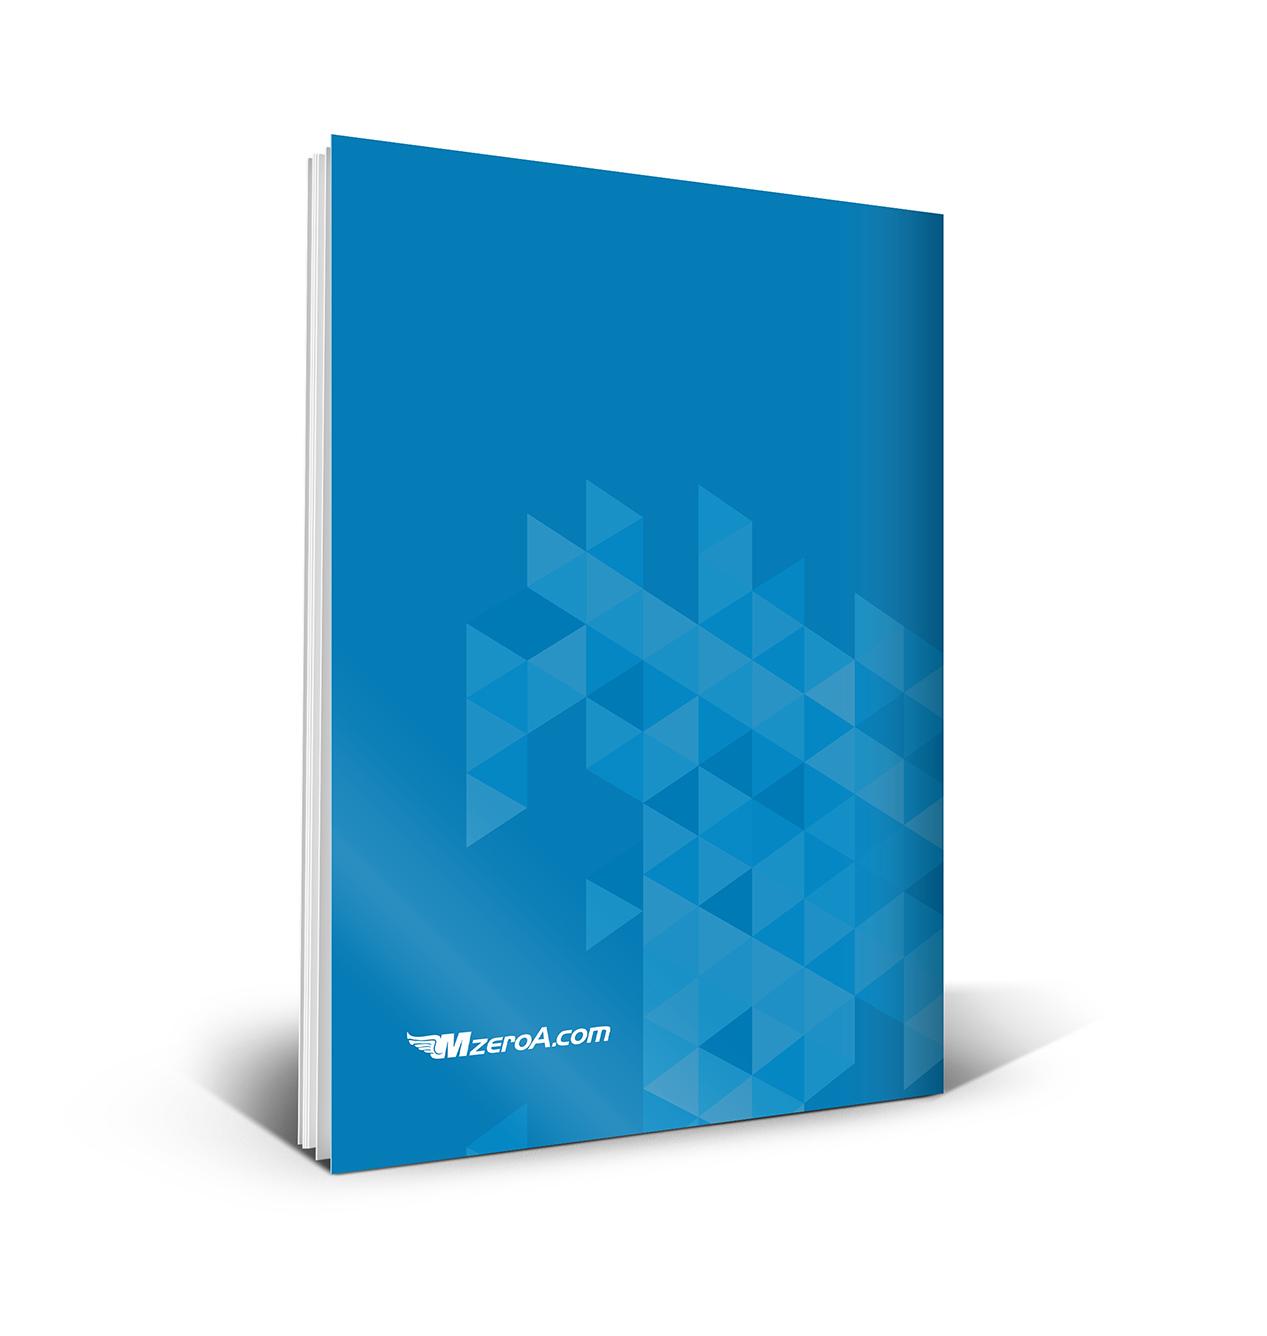 MzeroA.com-Brochure-Back-Cover